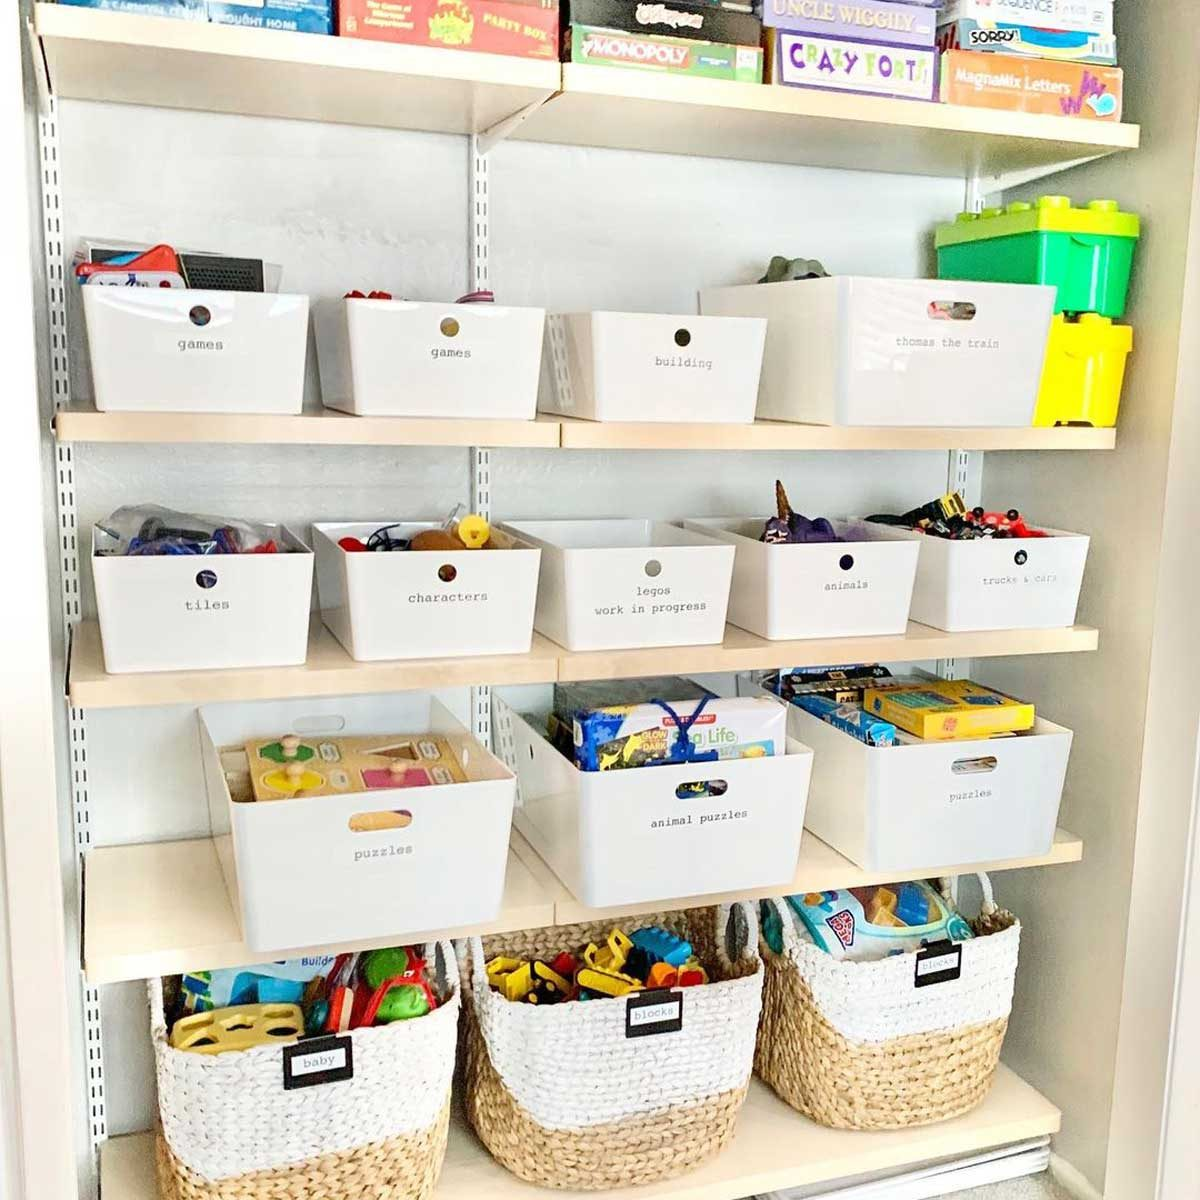 Toy Shelves 150935779 183906080157338 8627987219175797415 N